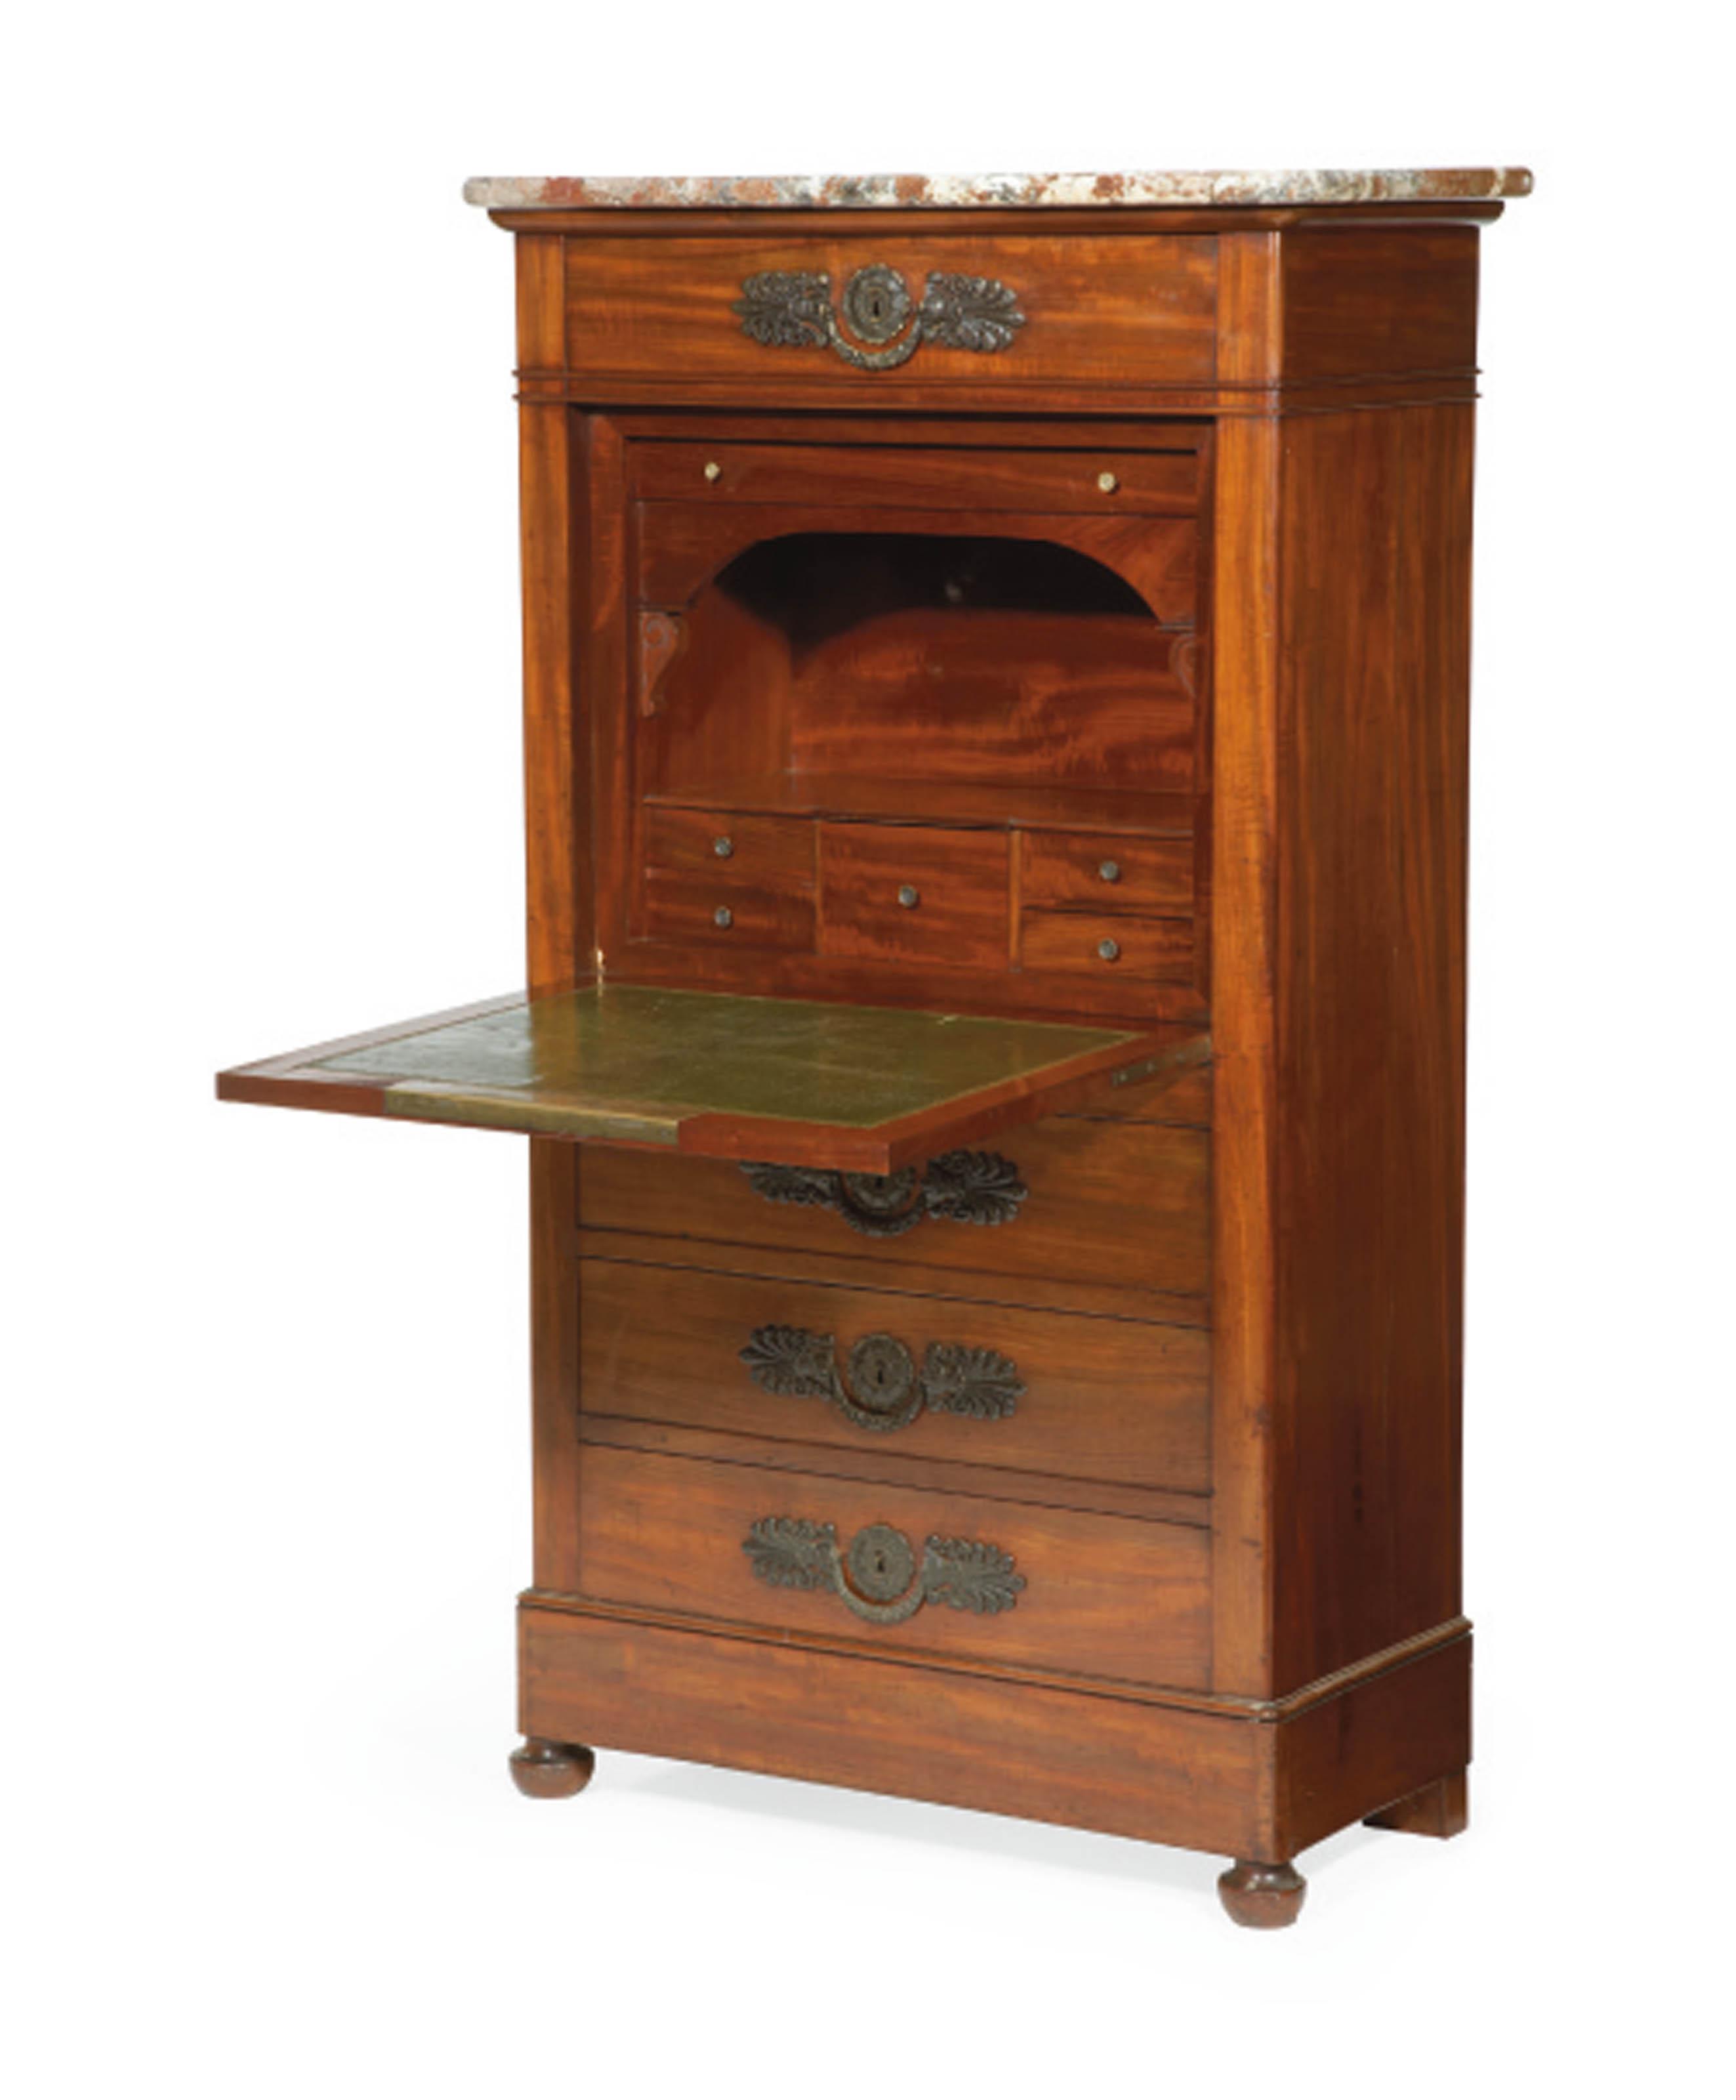 secretaire a abattant d 39 epoque restauration attribue a jean jacques werner deuxieme quart du. Black Bedroom Furniture Sets. Home Design Ideas